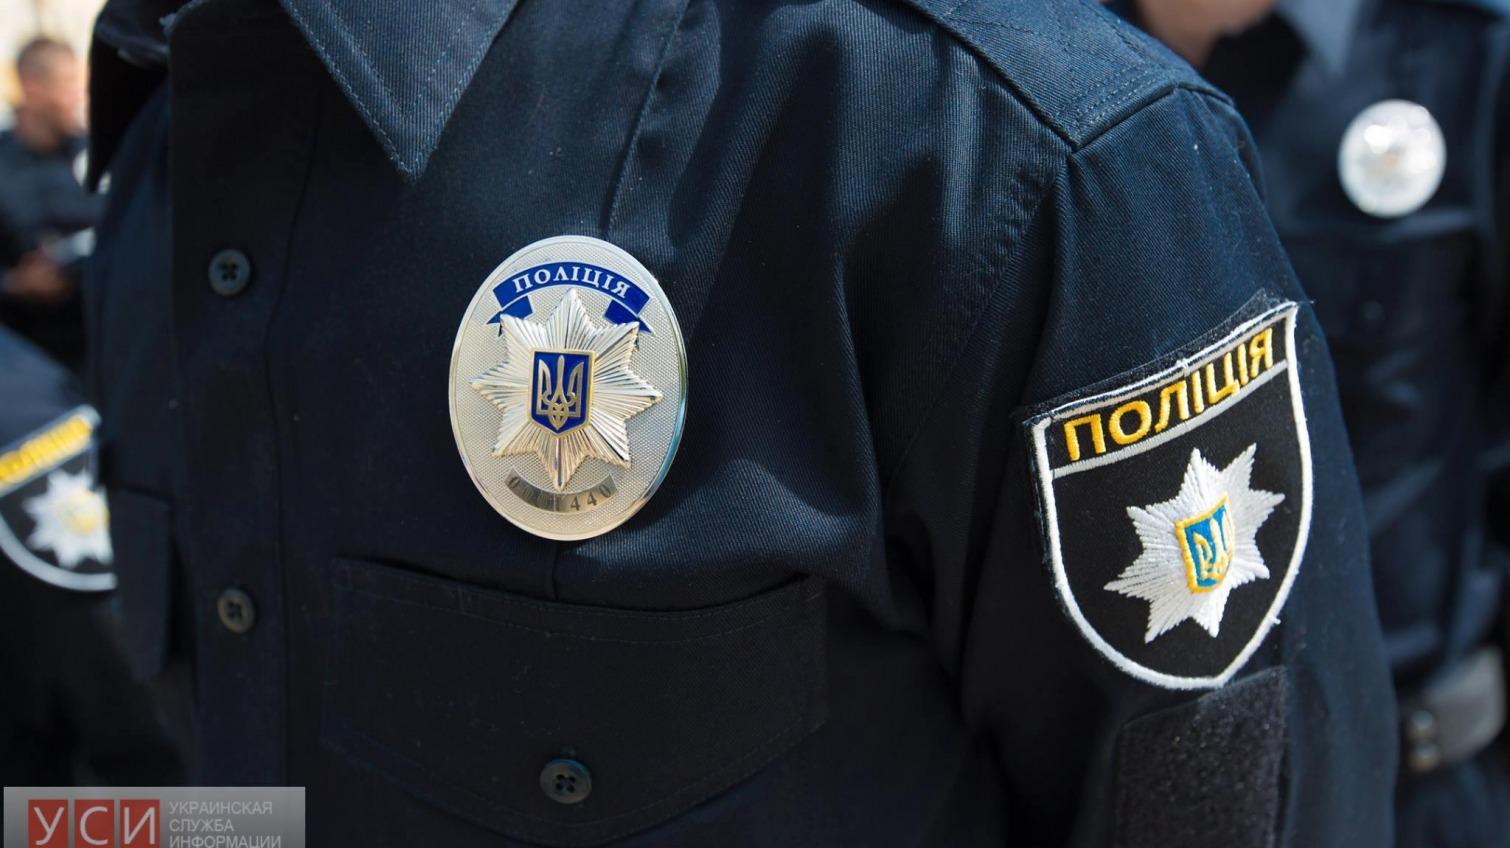 За издевательства над задержанным наказаны двое одесских полицейских «фото»